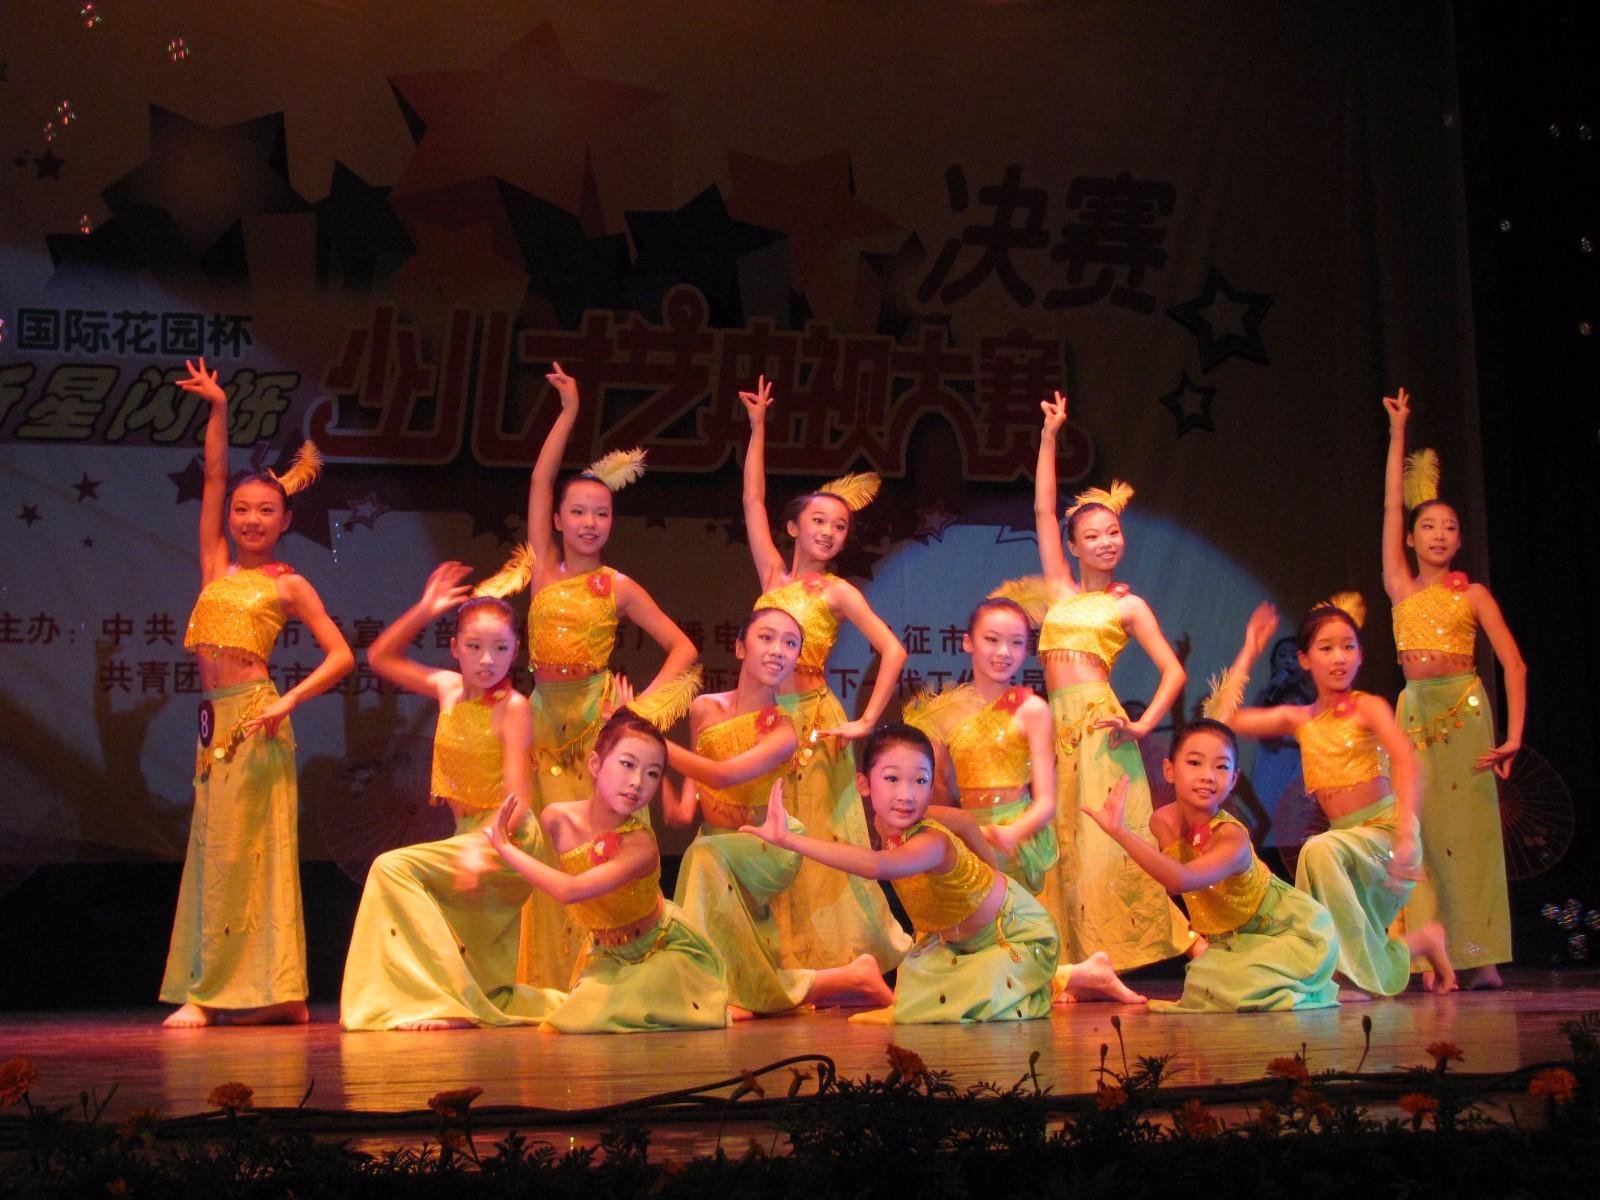 芭蕾舞考级一级教材_安徽省幼儿舞蹈考级四到六级所有曲目_百度知道